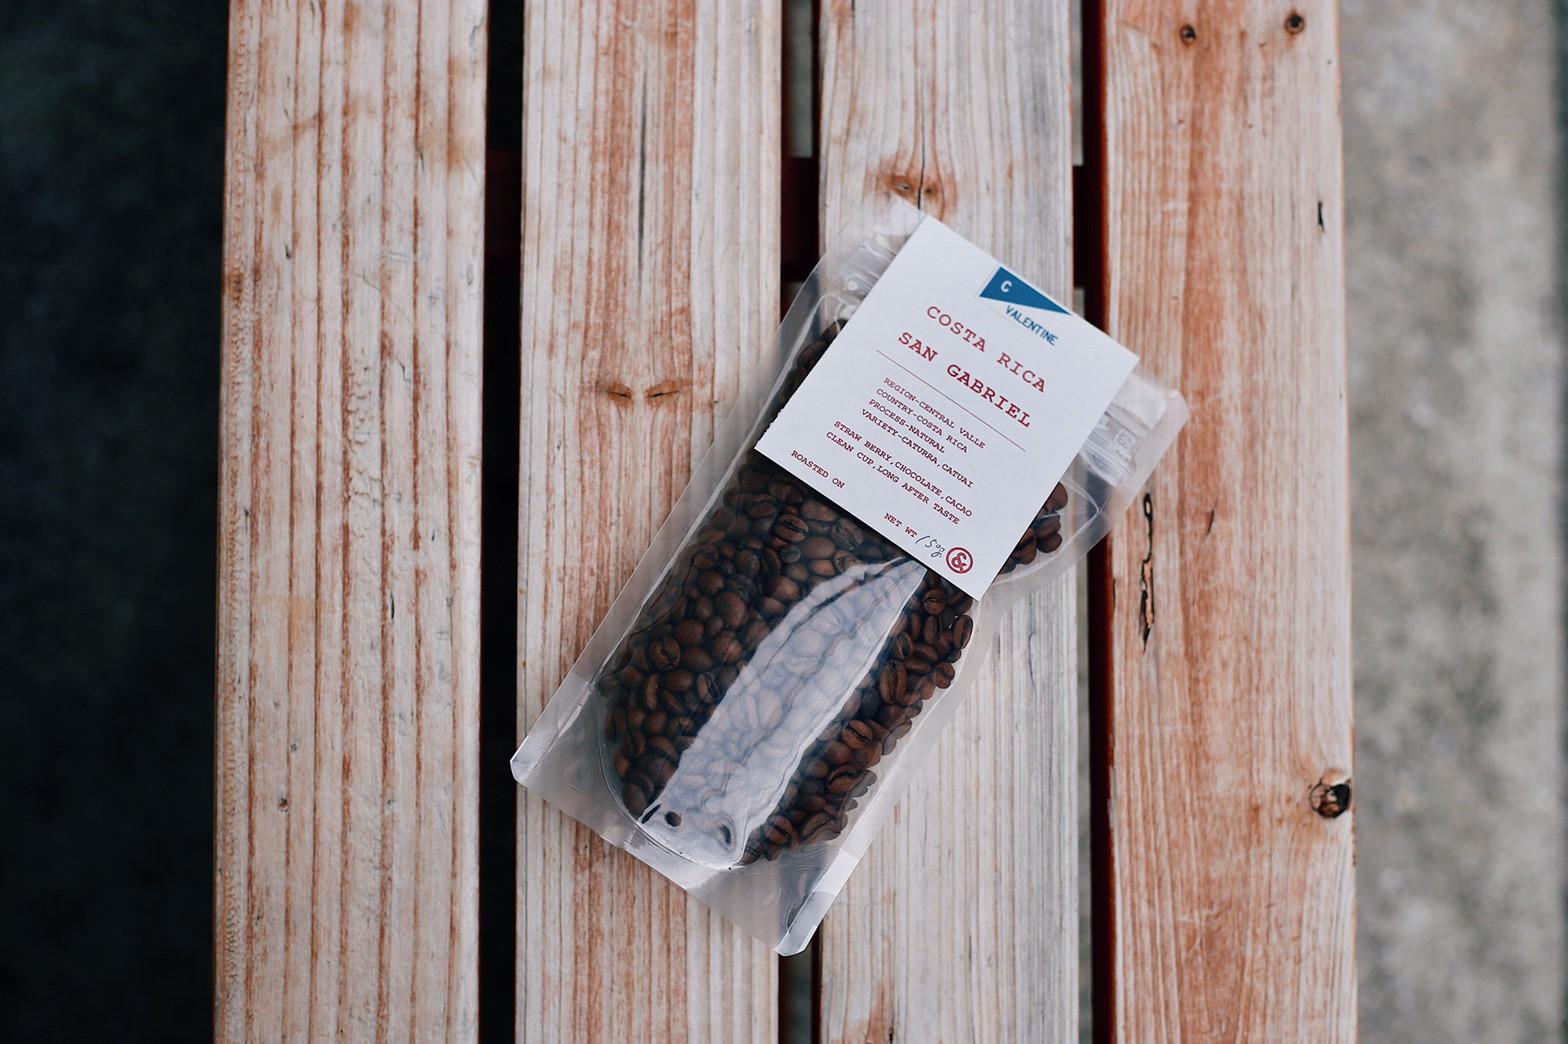 【VALENTINE】コスタリカからとっても甘く綺麗なナチュラルプロセスコーヒーが届きました。